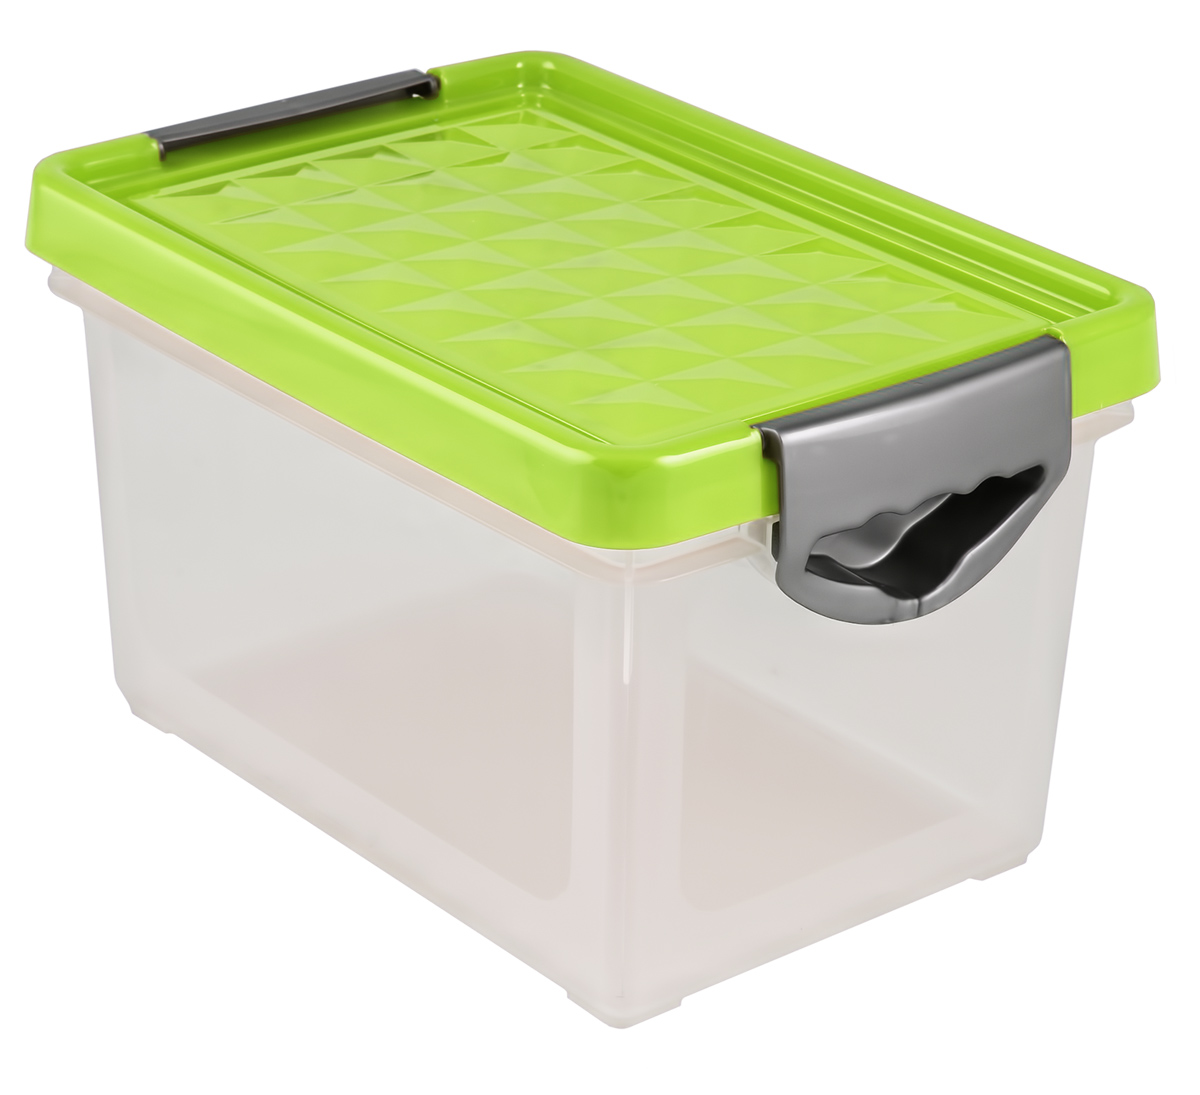 Ящик для хранения BranQ Systema, на колесиках, цвет: зеленый, прозрачный, 48 л1004900000360Универсальный ящик для хранения BranQ Systema, выполненный из прочного пластика, поможет правильно организовать пространство в доме и сэкономить место. В нем можно хранить все, что угодно: одежду, обувь, детские игрушки и многое другое. Прочный каркас ящика позволит хранить как легкие вещи, так и переносить собранный урожай овощей или фруктов. Изделие оснащено крышкой, которая защитит вещи от пыли, грязи и влаги.Эргономичные ручки-защелки, позволяют переносить ящик как с крышкой, так и без нее.